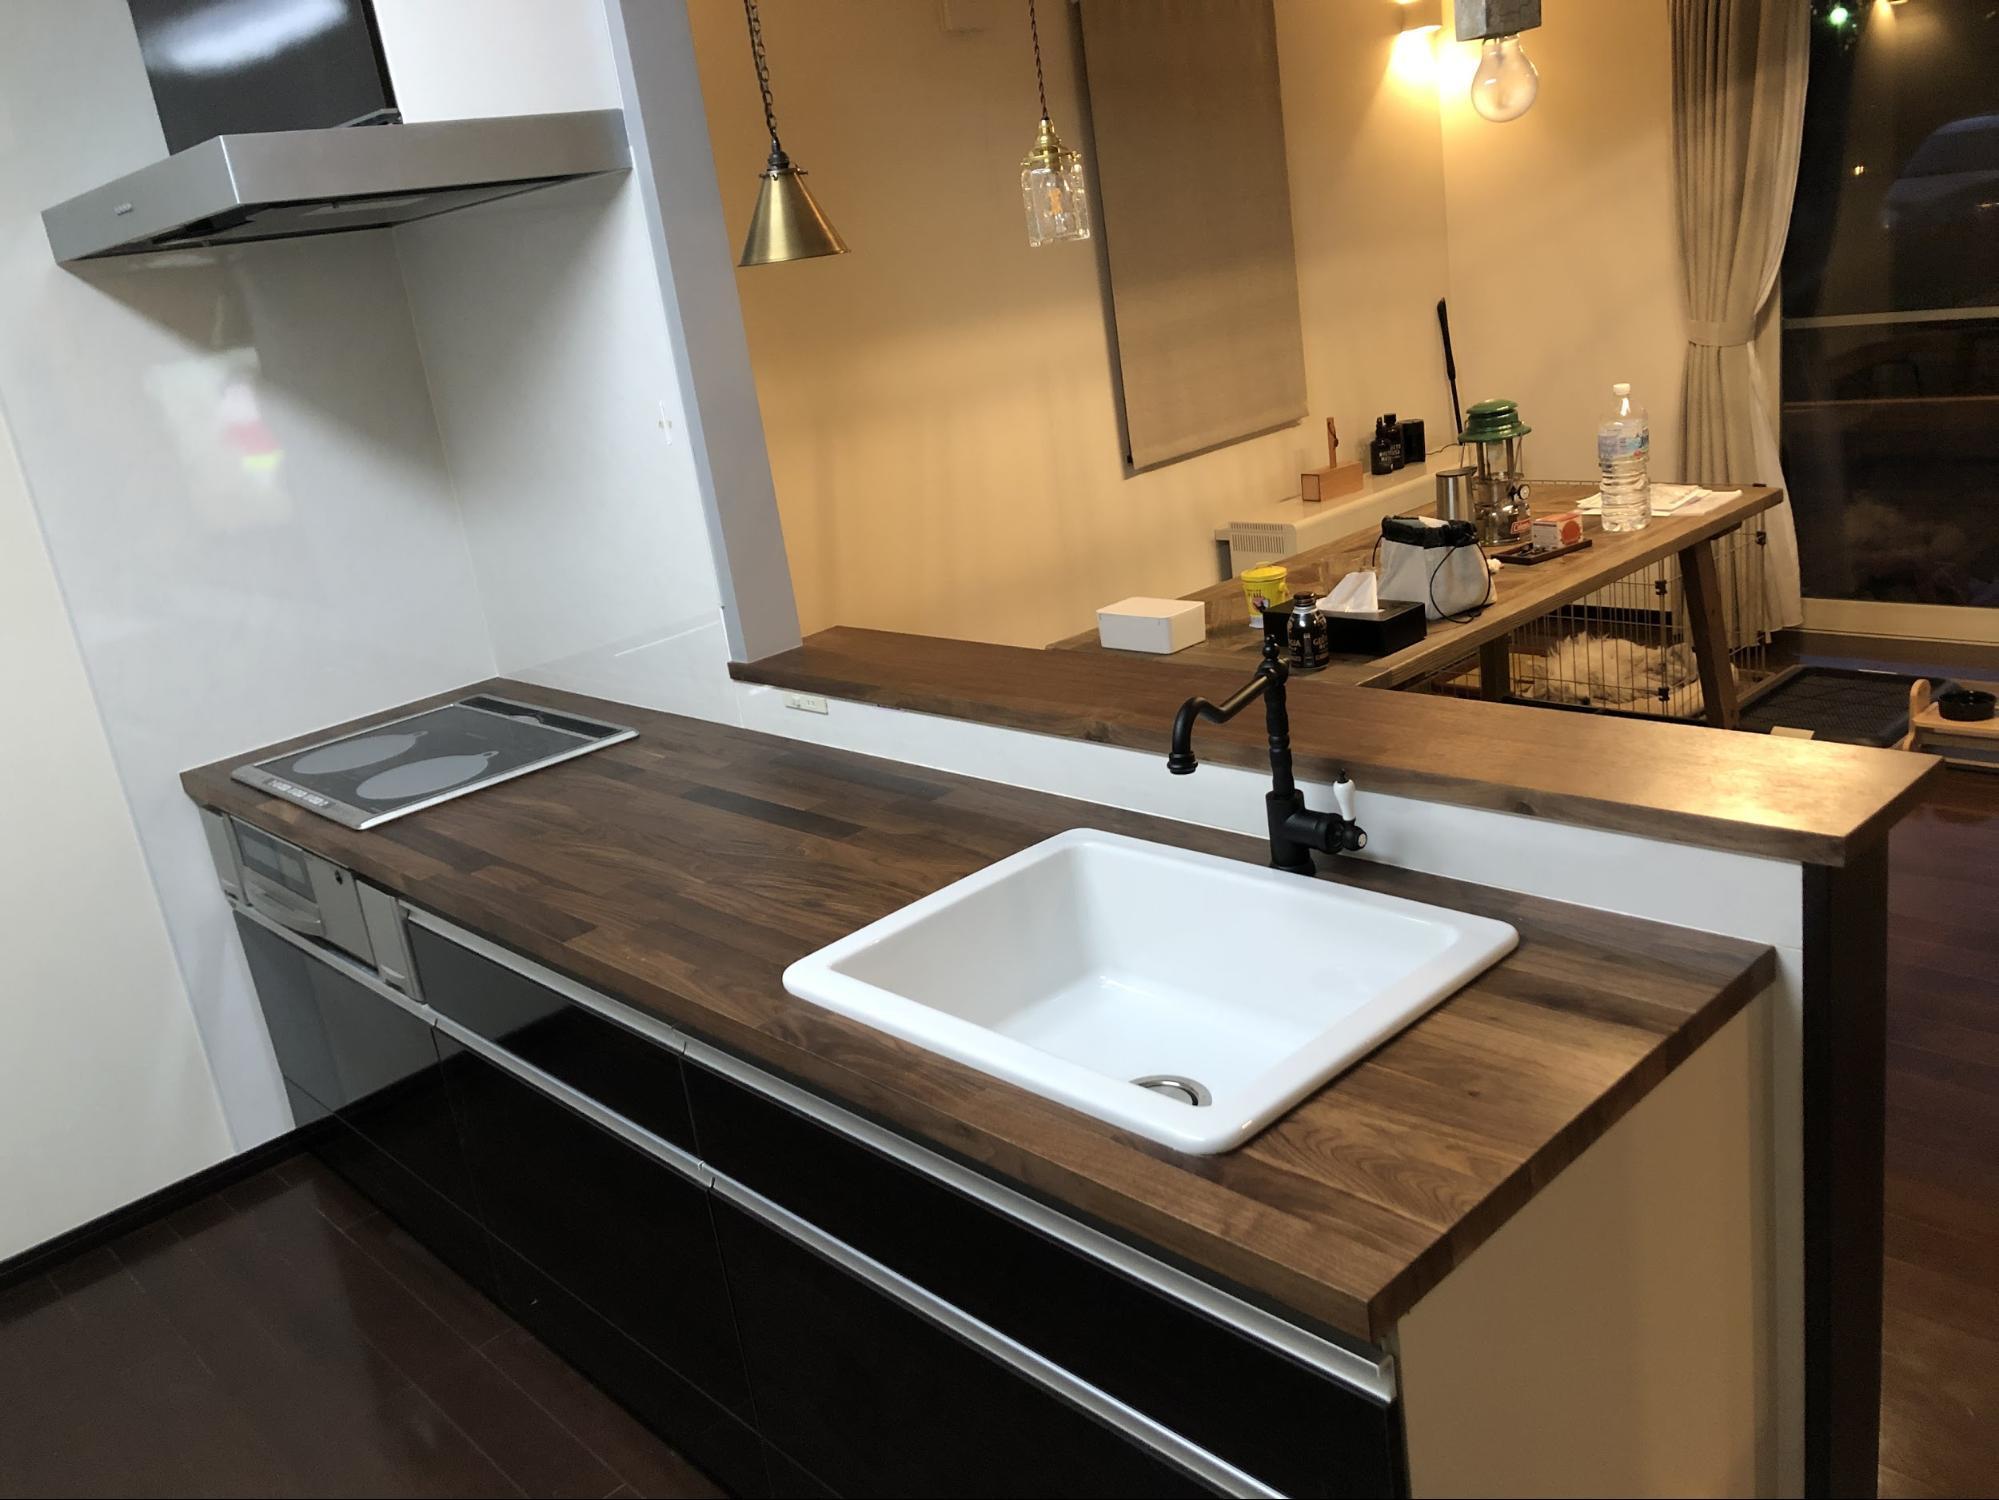 無垢材と突き板を組み合わせたイケアの木製ワークトップ。耐久性に優れているため、水回りでも安心してお使いいただけます。無垢材の豊かな表情が美しく、キッチンに立つだけでわくわくした気持ちになれます♪